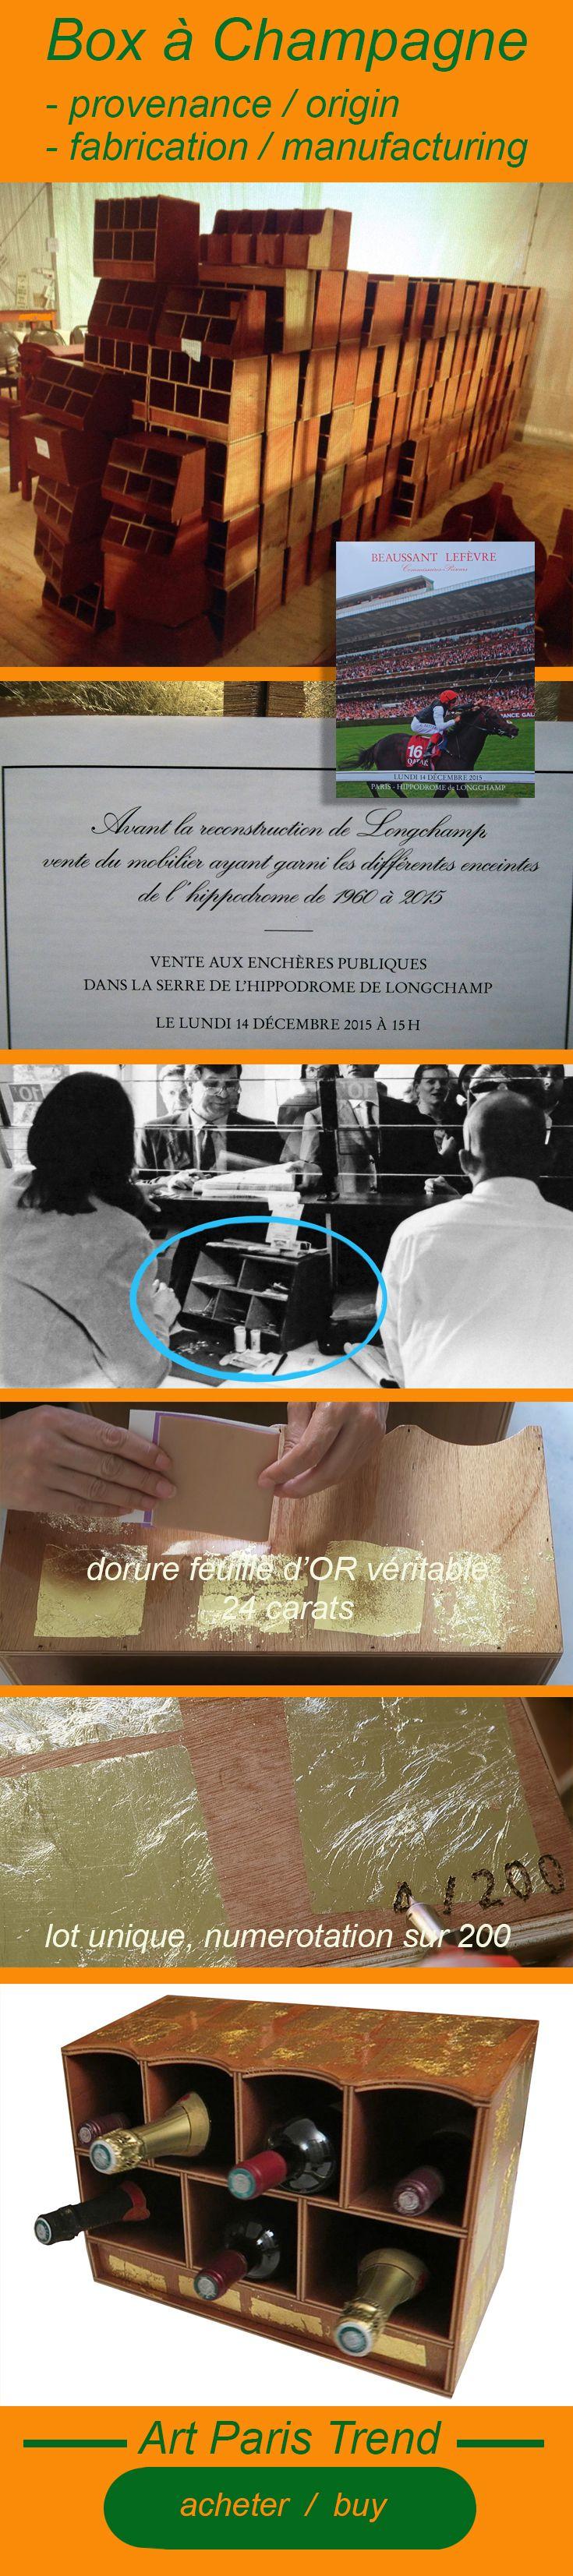 Superbe Box à Champagne pour un intérieur unique! il s'agit des anciennes caisses comptables manuelles en provenance de l'hippodrome de Longchamps mis en vente pour la reconstruction de l'hippodrome. A s'offrir ou à offrir!   #horses #pmu #courses #horserace #jockey #france #paris #chantilly #race #hippodromedevincennes #coursehippique #prixdediane #horseraces #horseriding